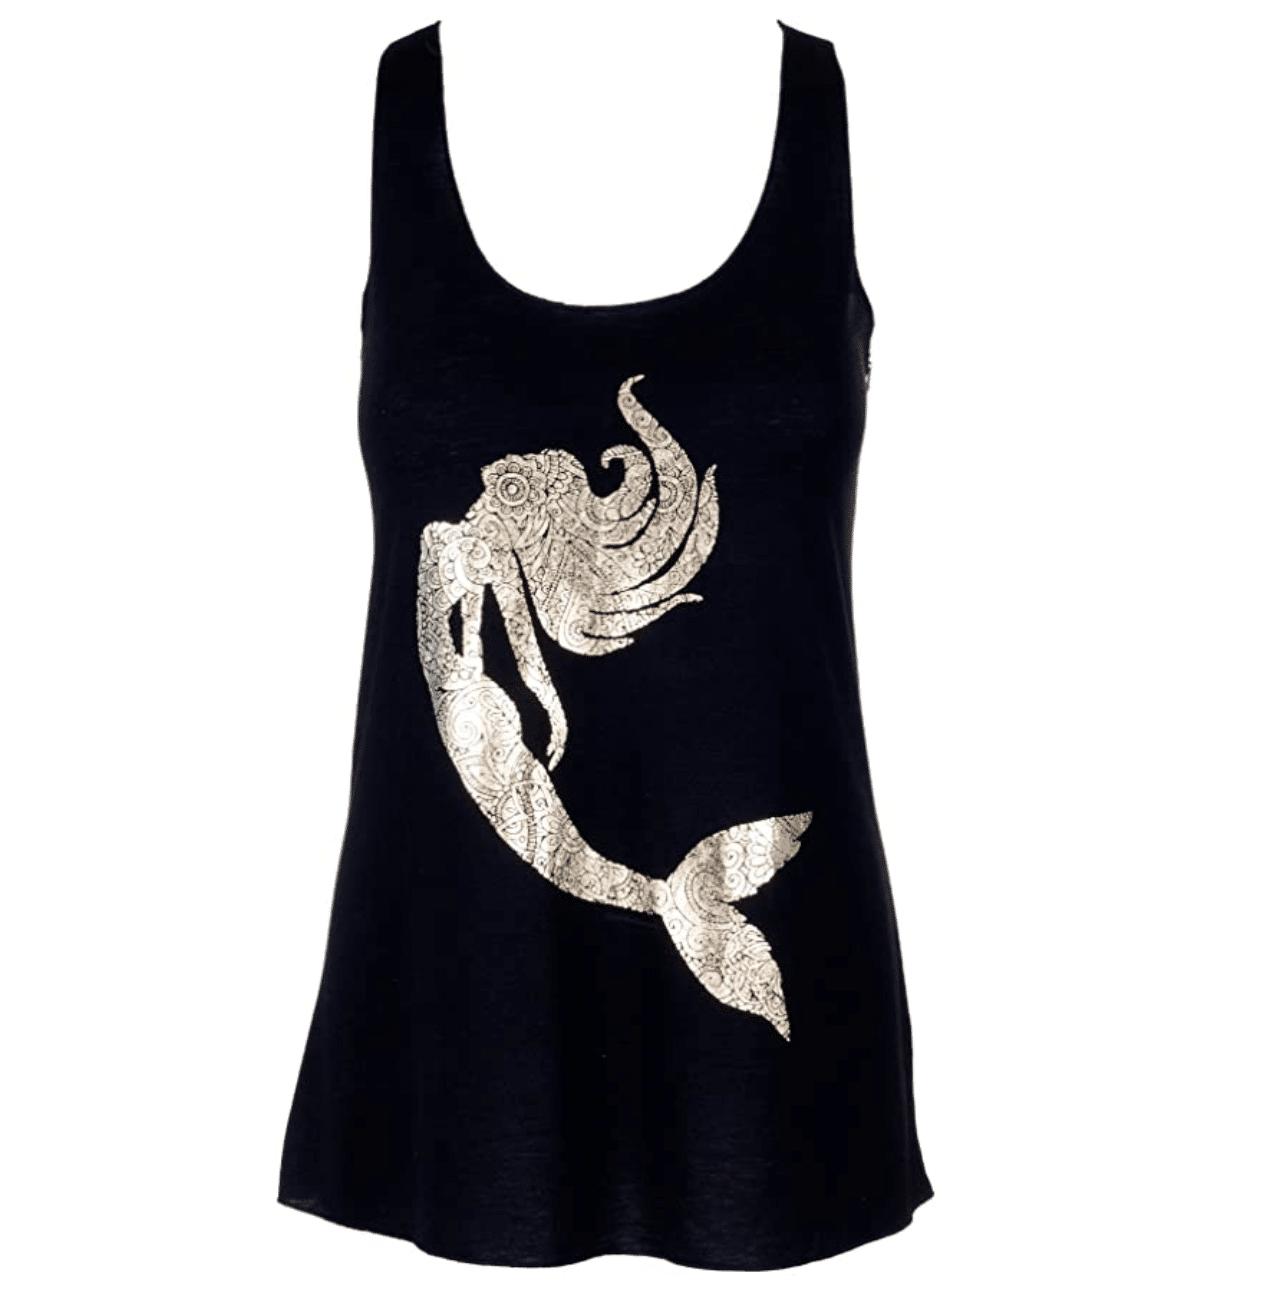 mermaid-gifts-tank-top